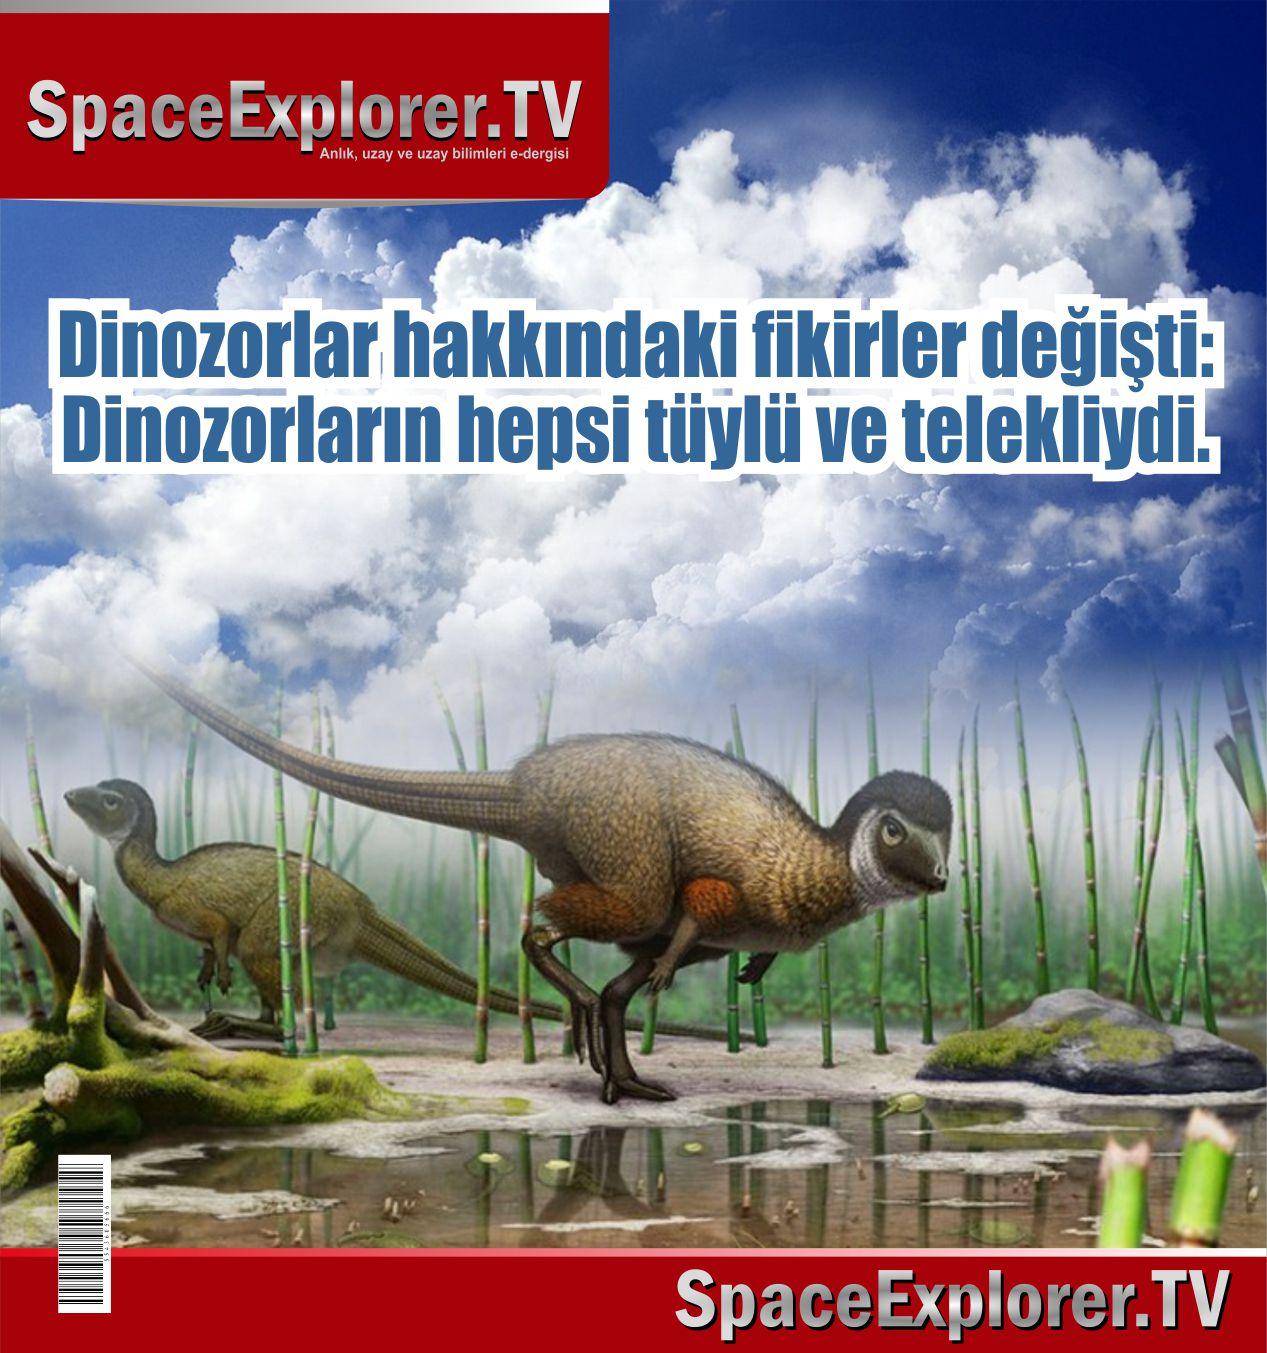 Dinozorlar, Evrim aldatmacası, Geçmiş teknoloji devirleri, Rusya, Çin, Nesli tükenen hayvanlar,